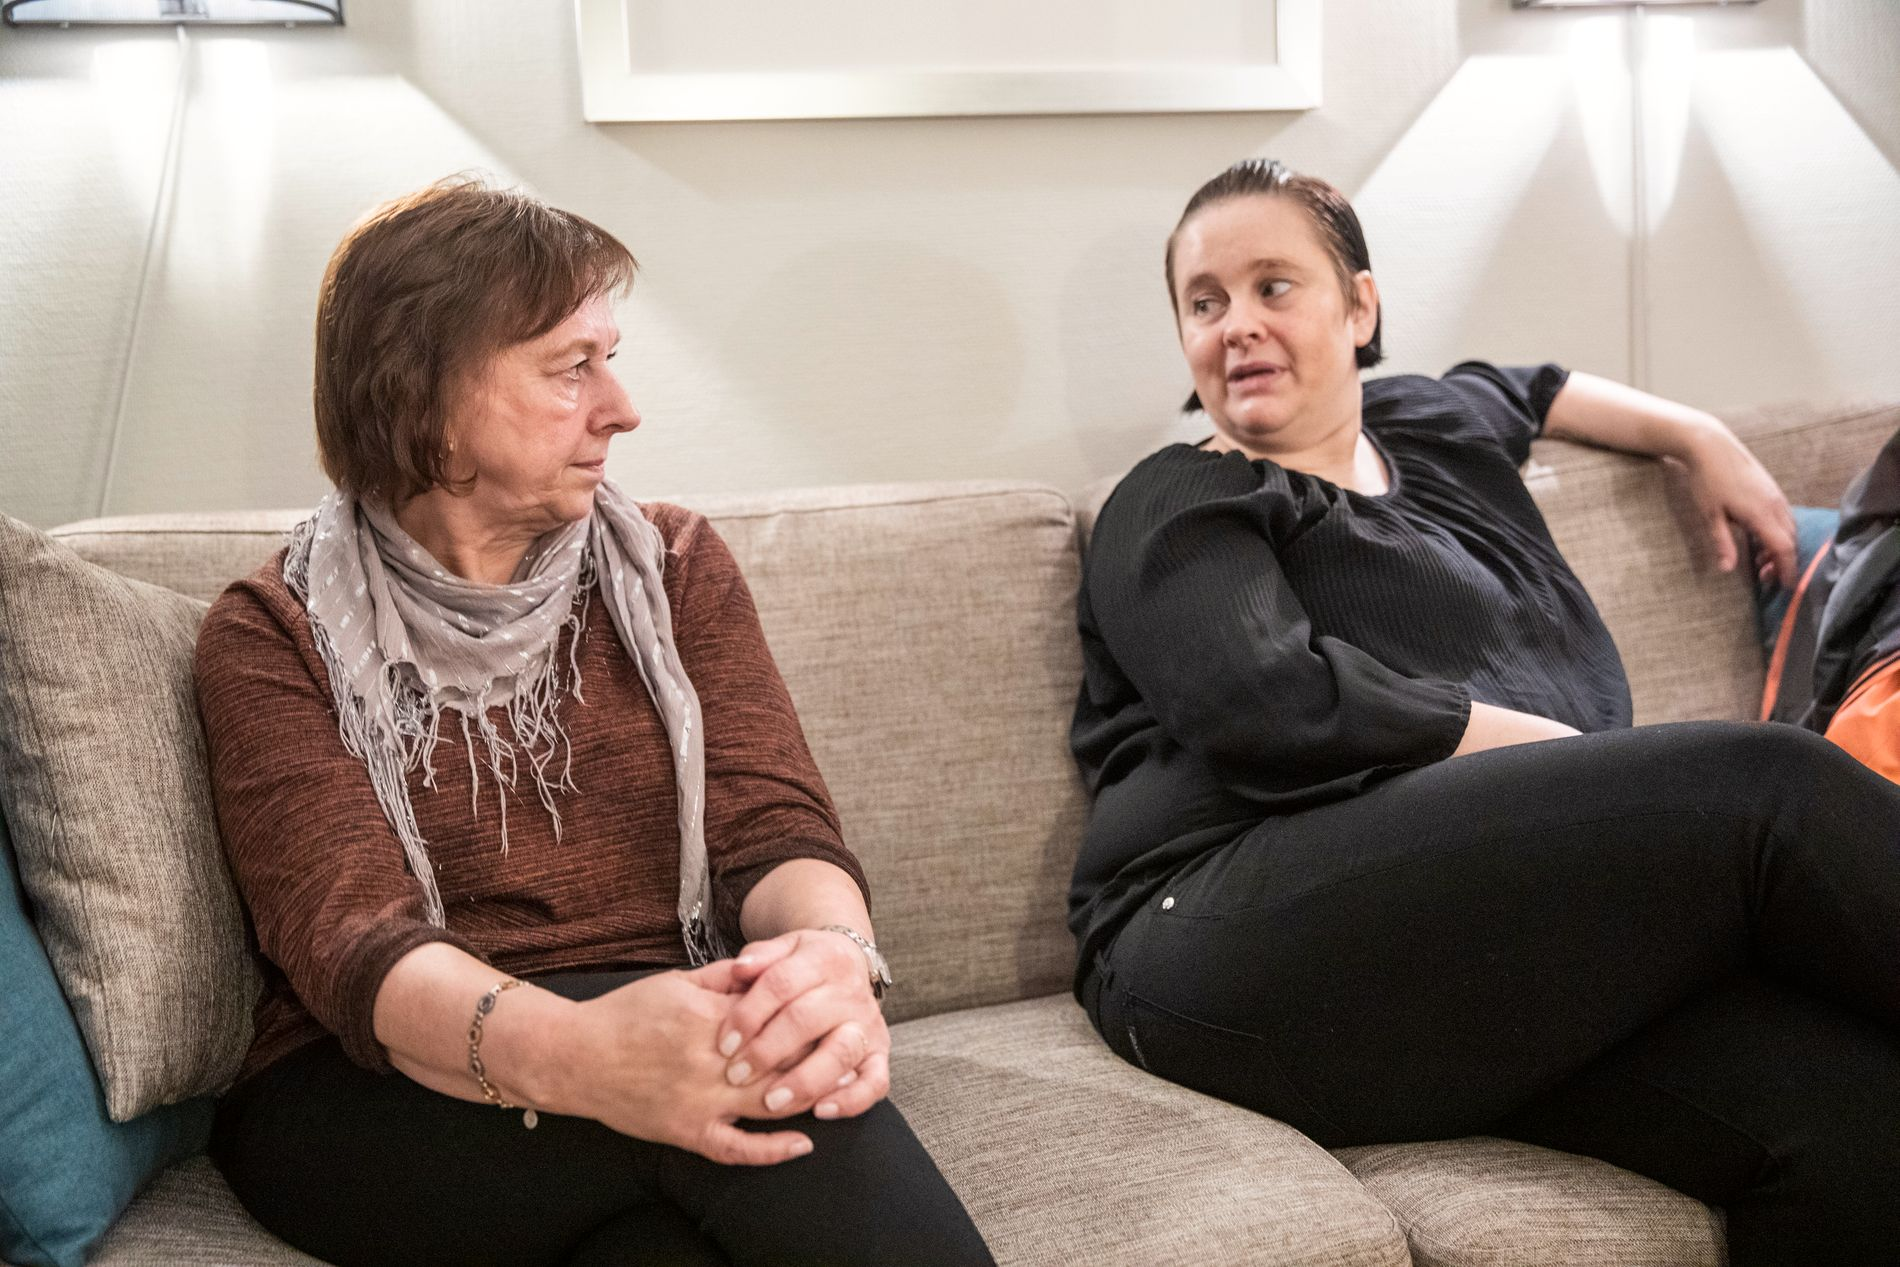 KONE OG DATTER: Anita og Christina Berg er glad for at rettssaken endelig starter.